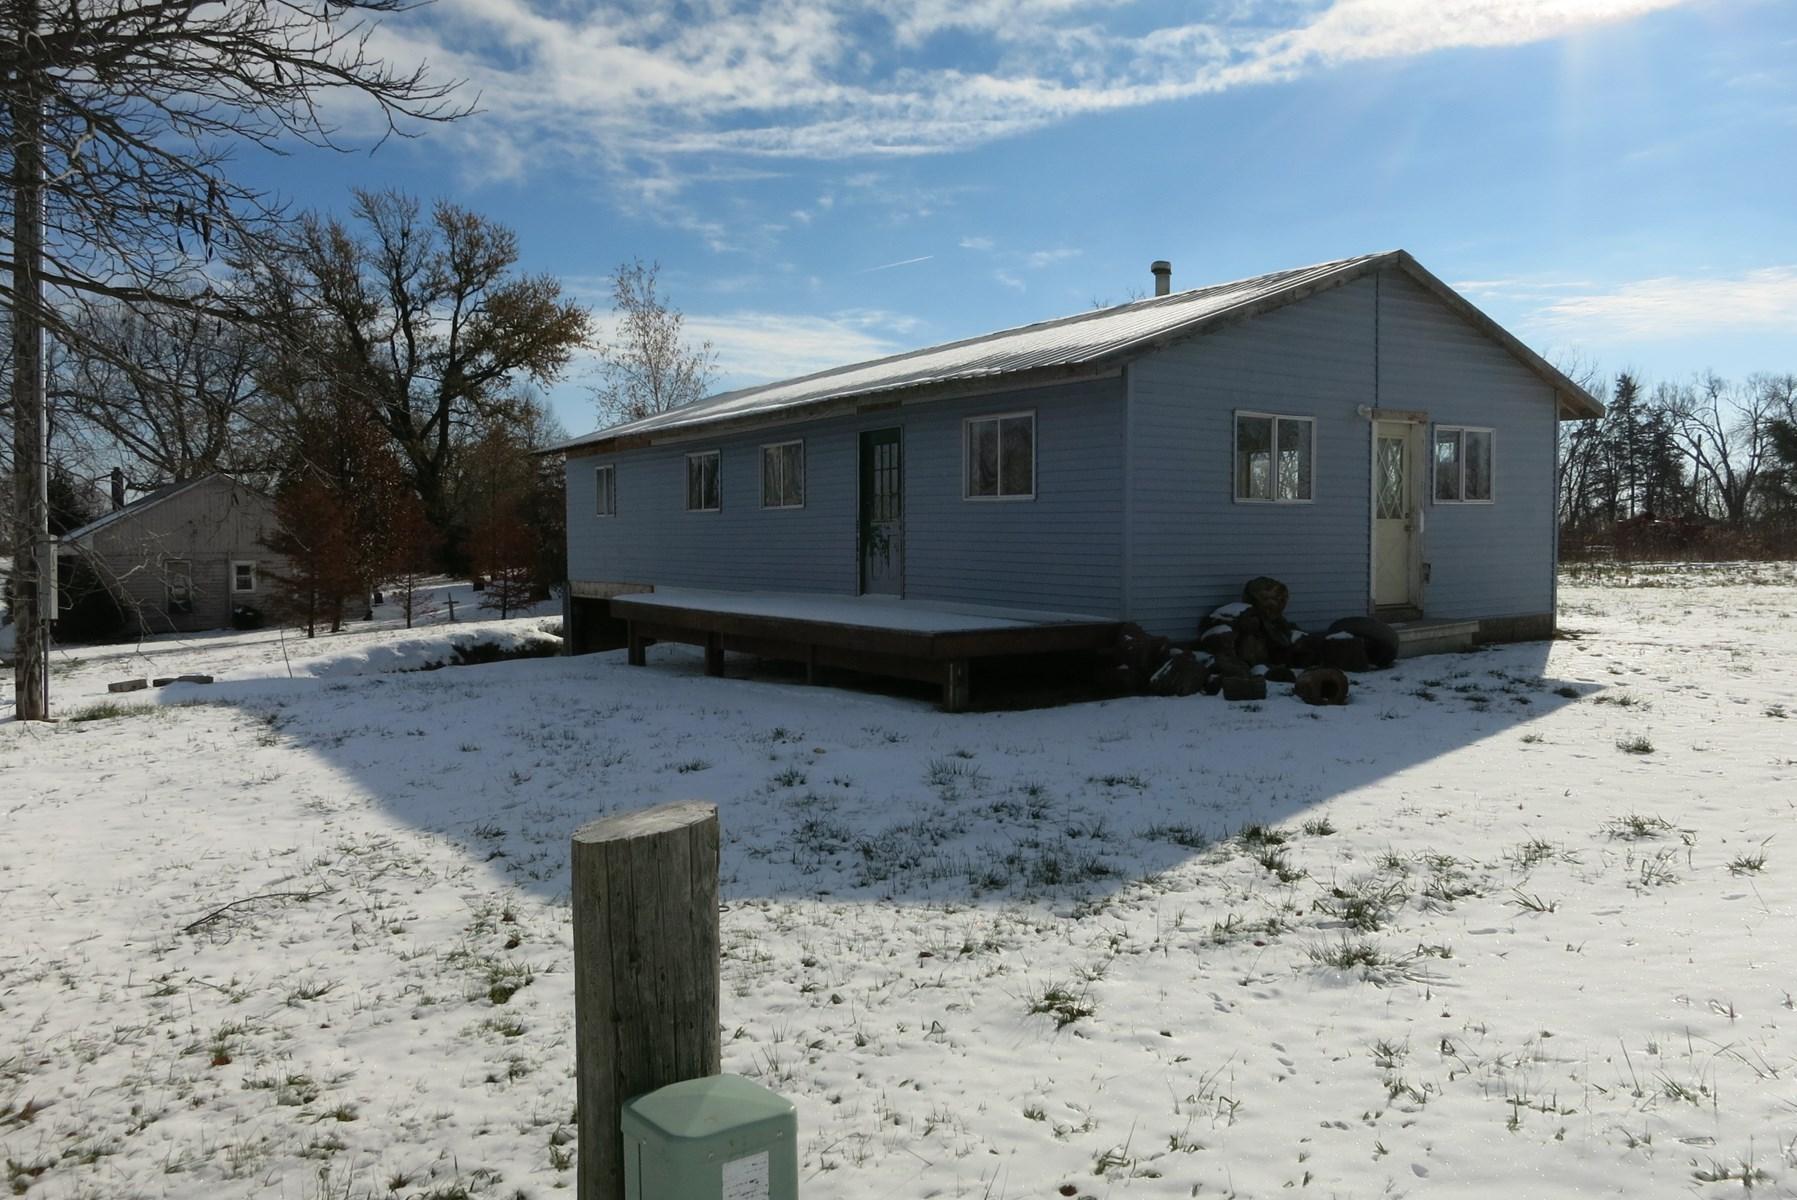 Home For Sale in Hatfield Missouri